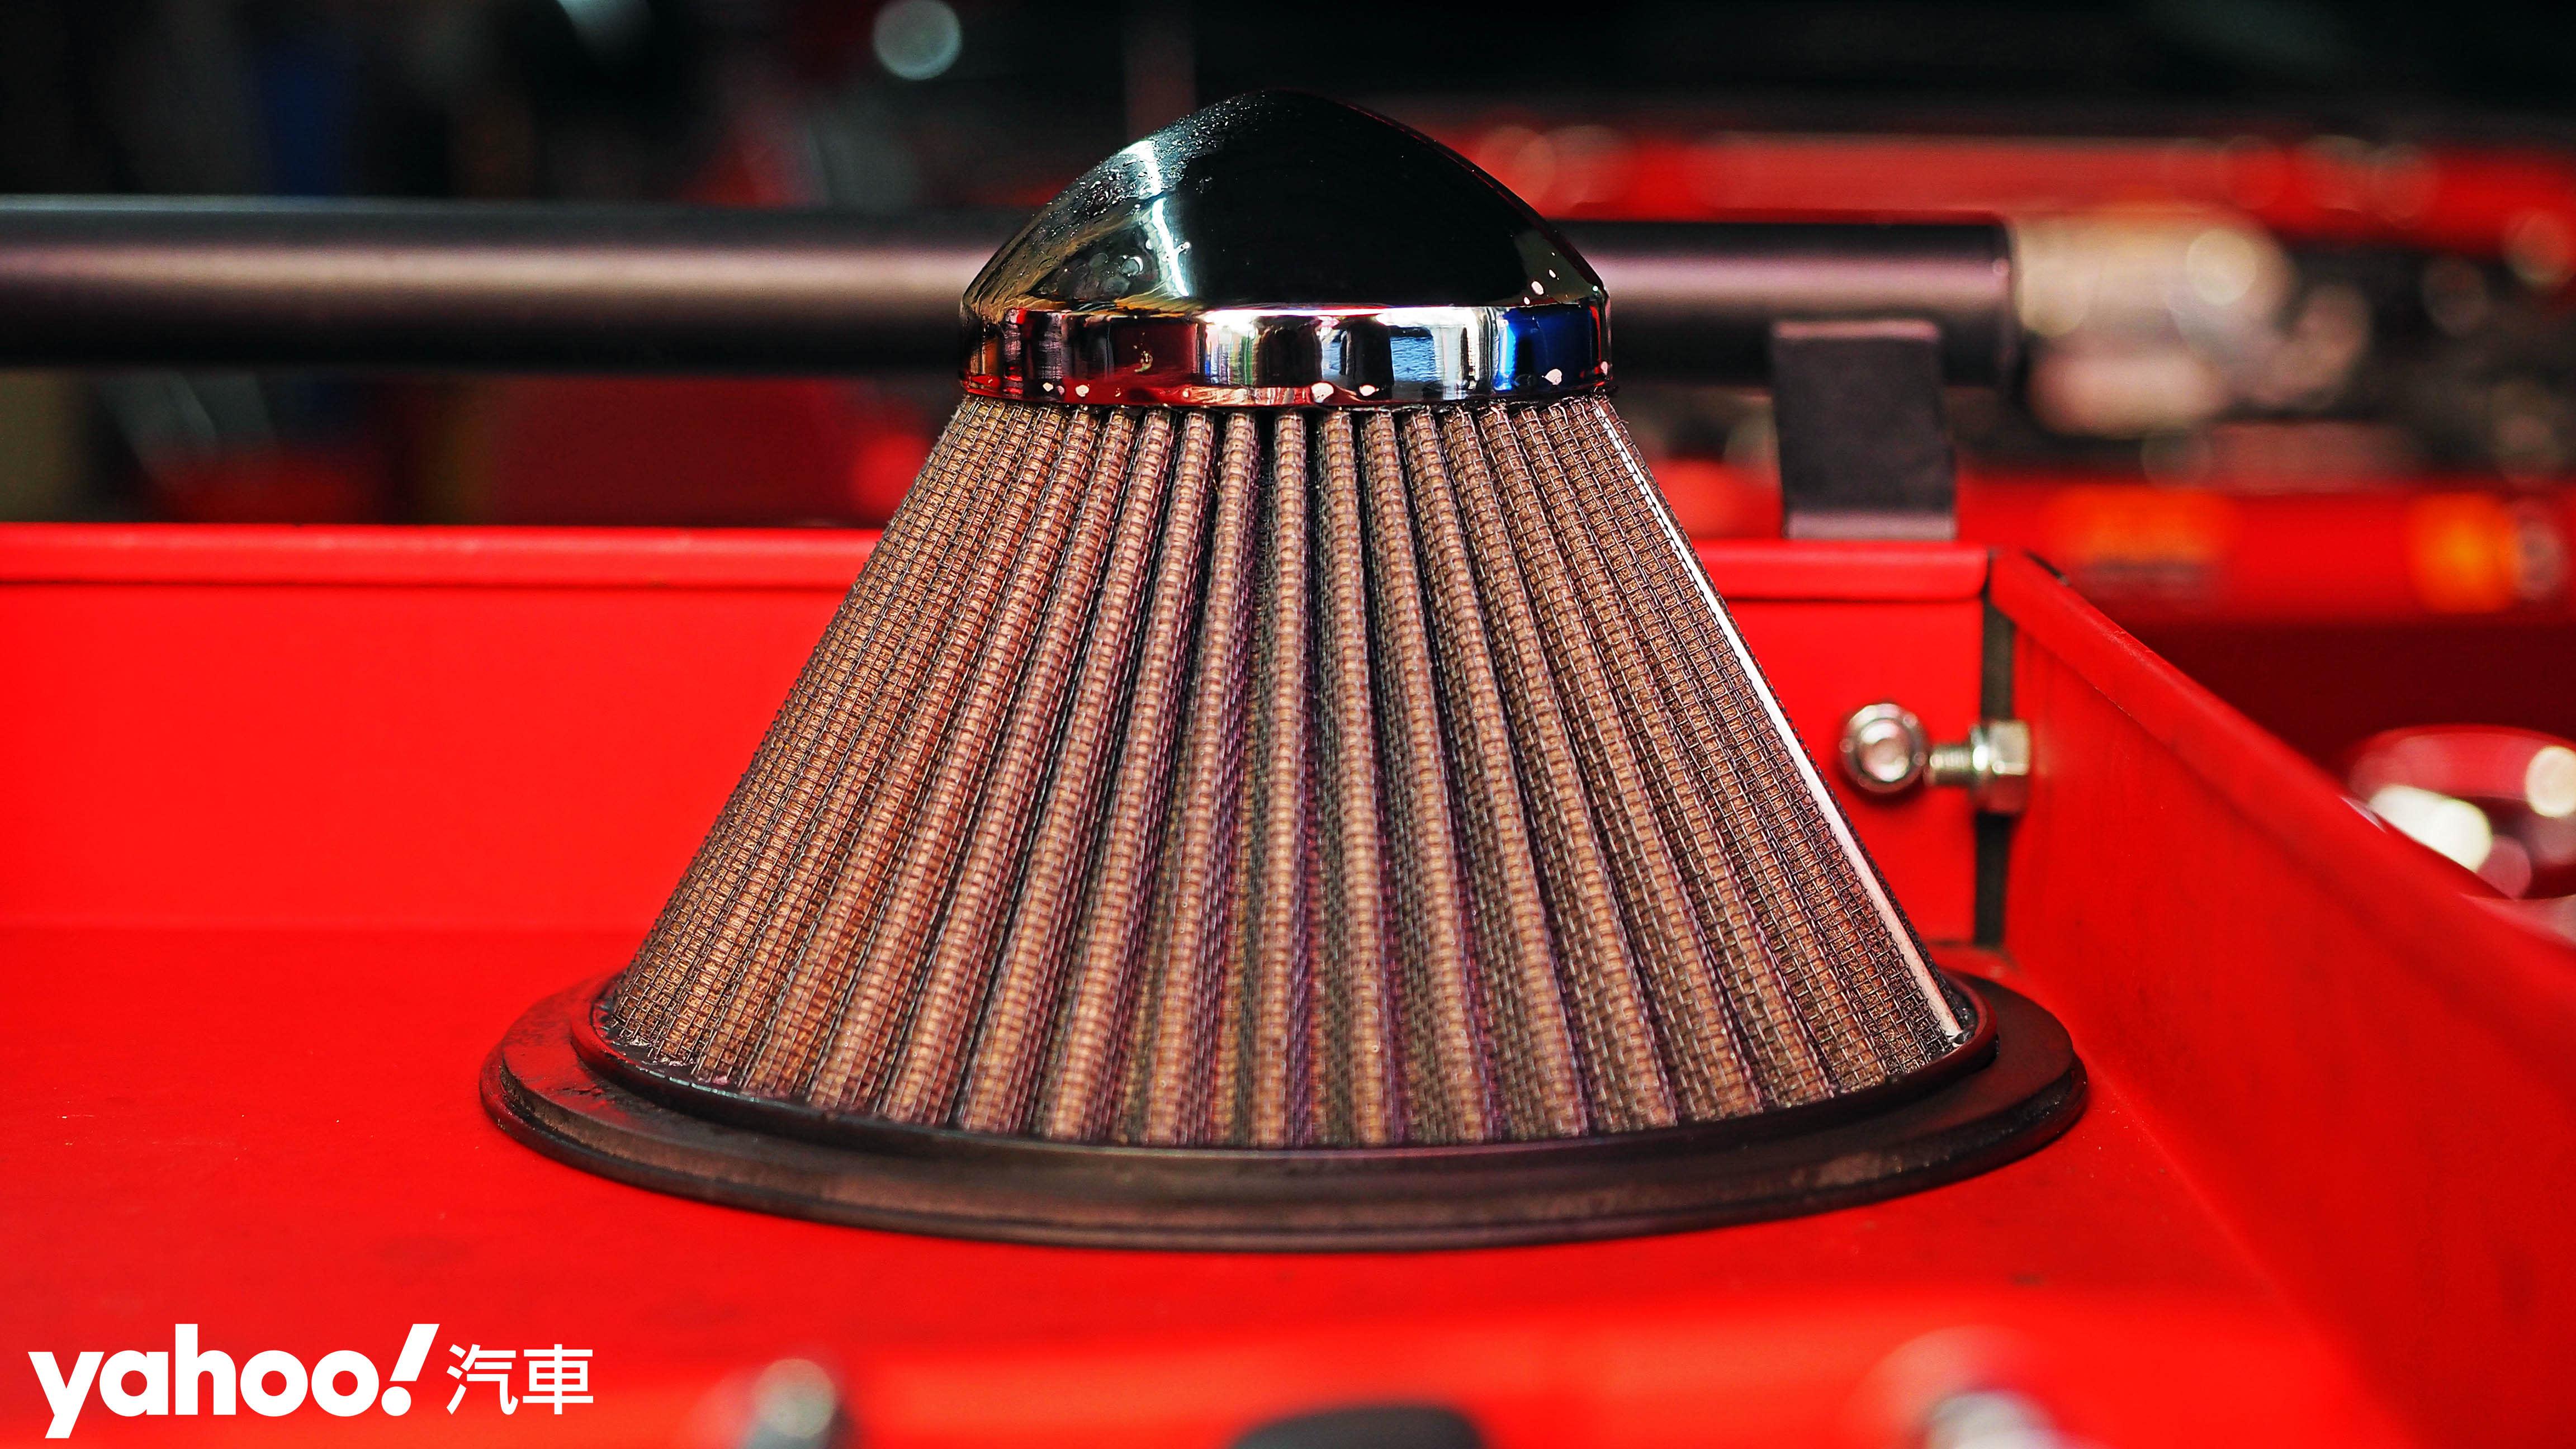 【開箱圖輯】大口吸氣更帶勁!K&N高流量空氣濾芯與專用清潔保養組超划算開箱!